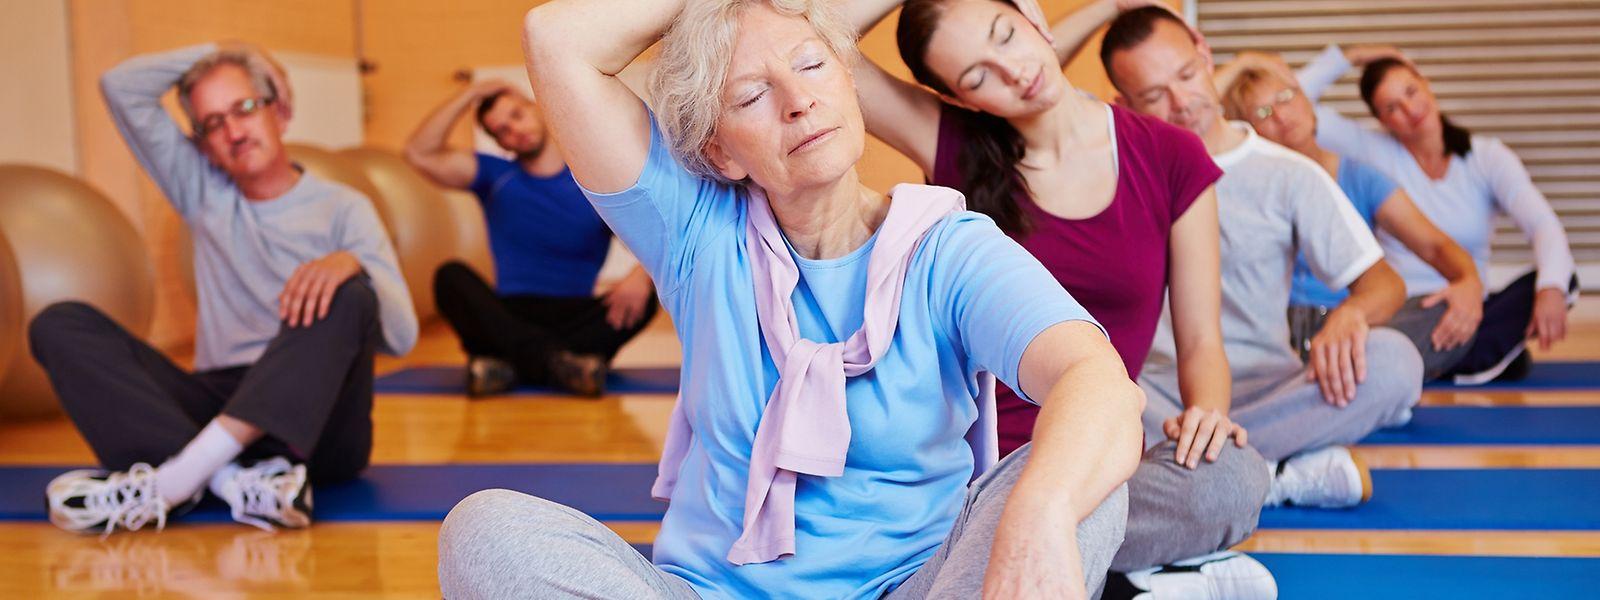 Bewegungstherapien können viele Krankheitssymptome mildern.